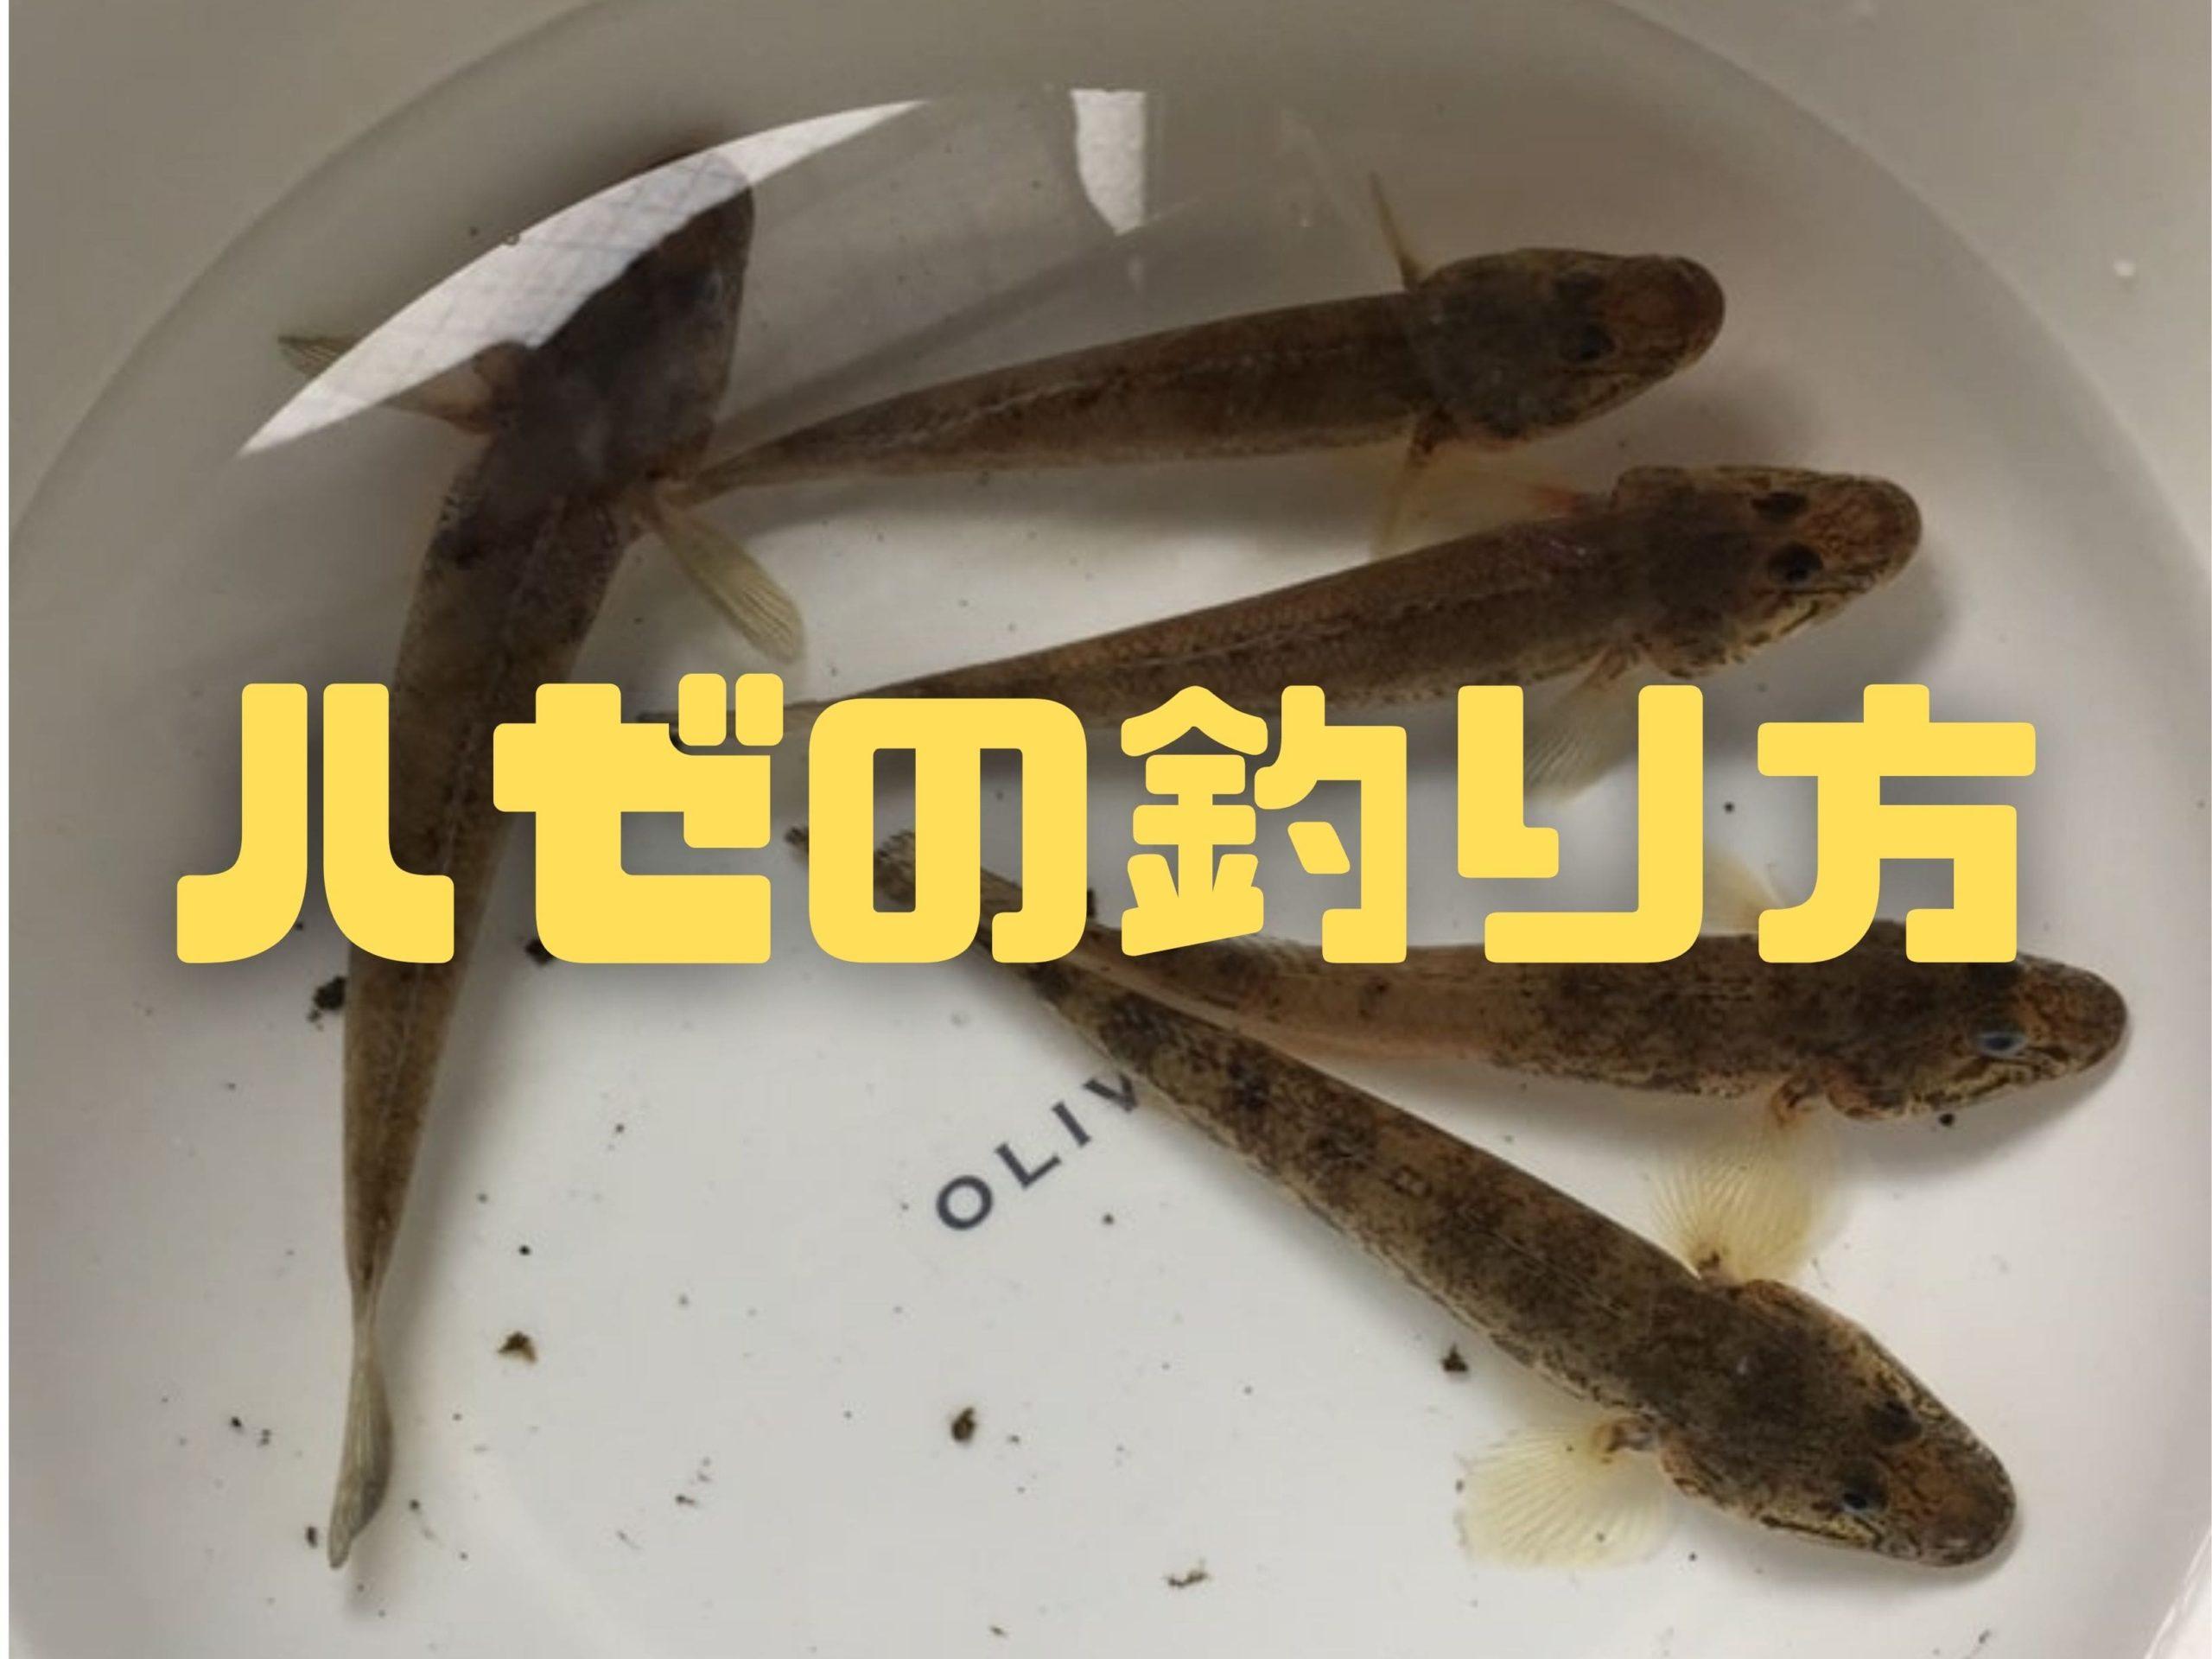 ハゼの釣り方(ウキ釣り・チョイ投げ・ルアー釣り)